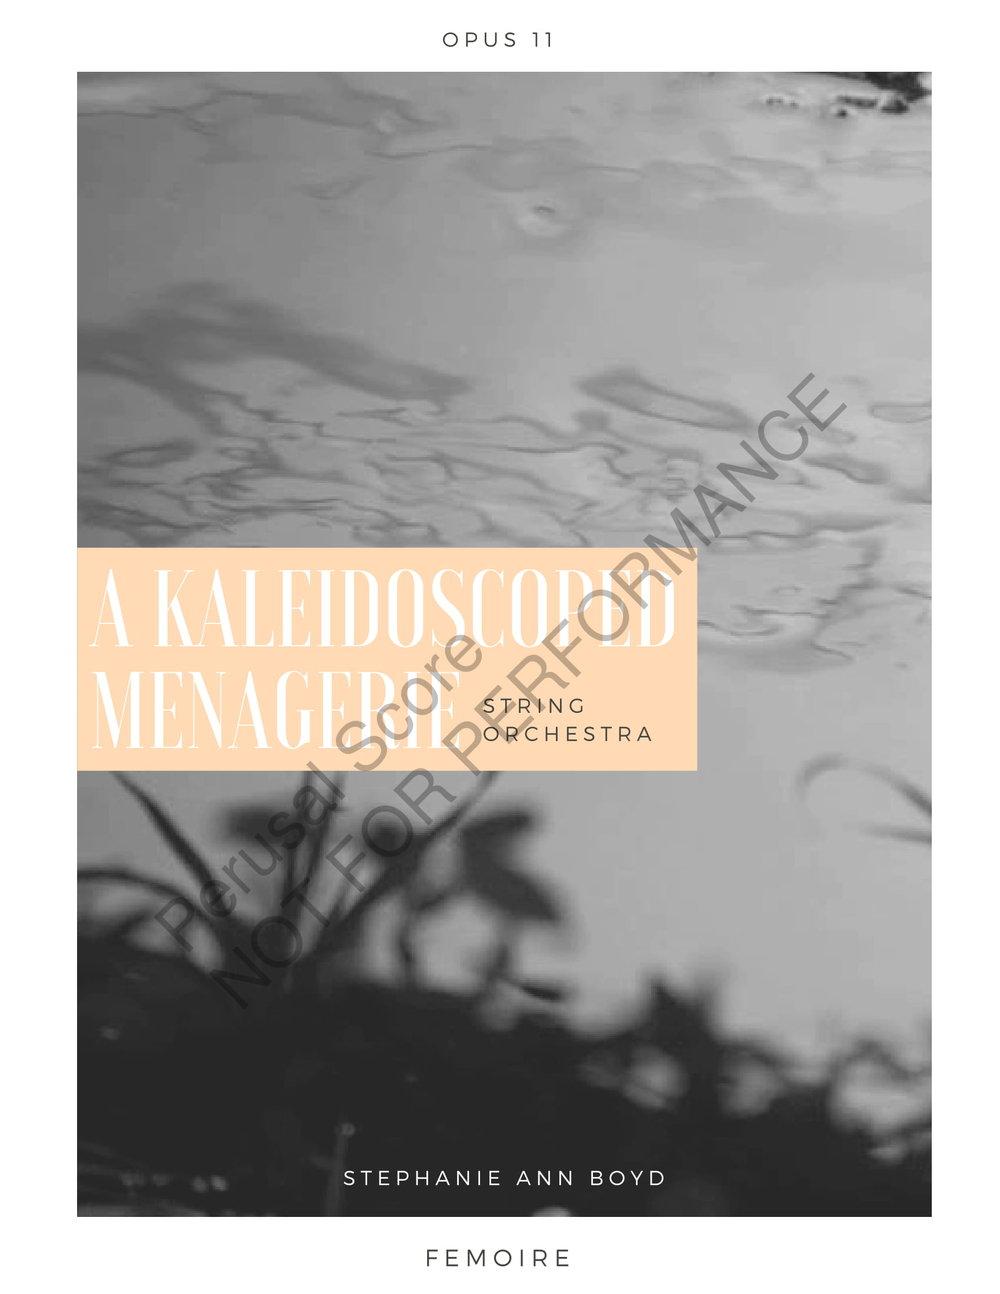 Boyd A Kaleidoscoped Menagerie Score-watermark-01.jpg